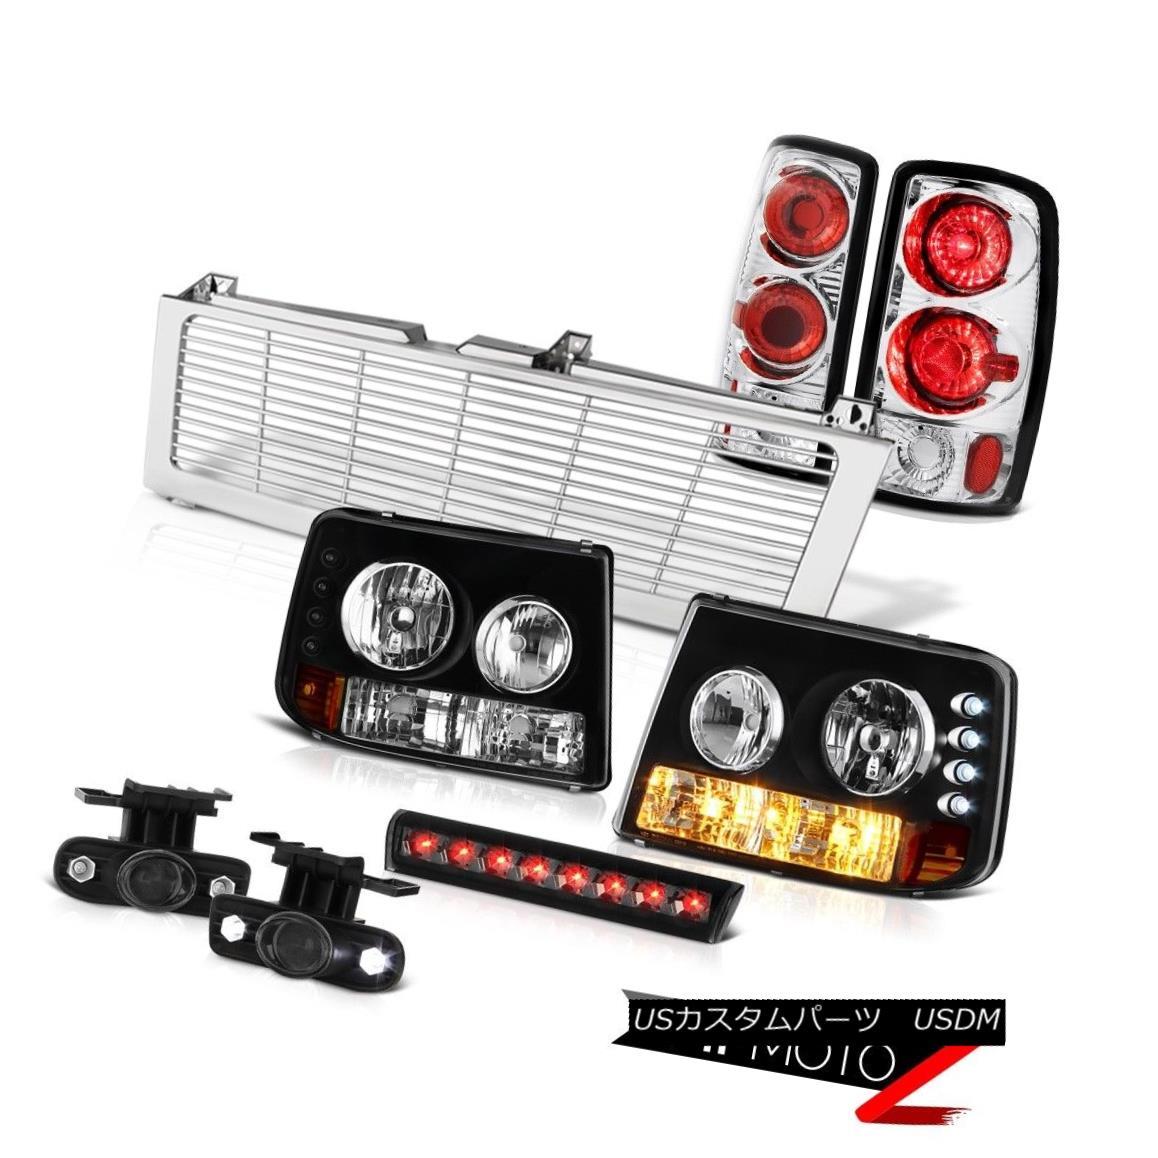 テールライト Black Parking Headlights Reverse Brake Lamps Foglights LED 00-06 Chevy Suburban ブラックパーキングヘッドライトリバースブレーキランプフォグライトLED 00-06 Chevy Suburban